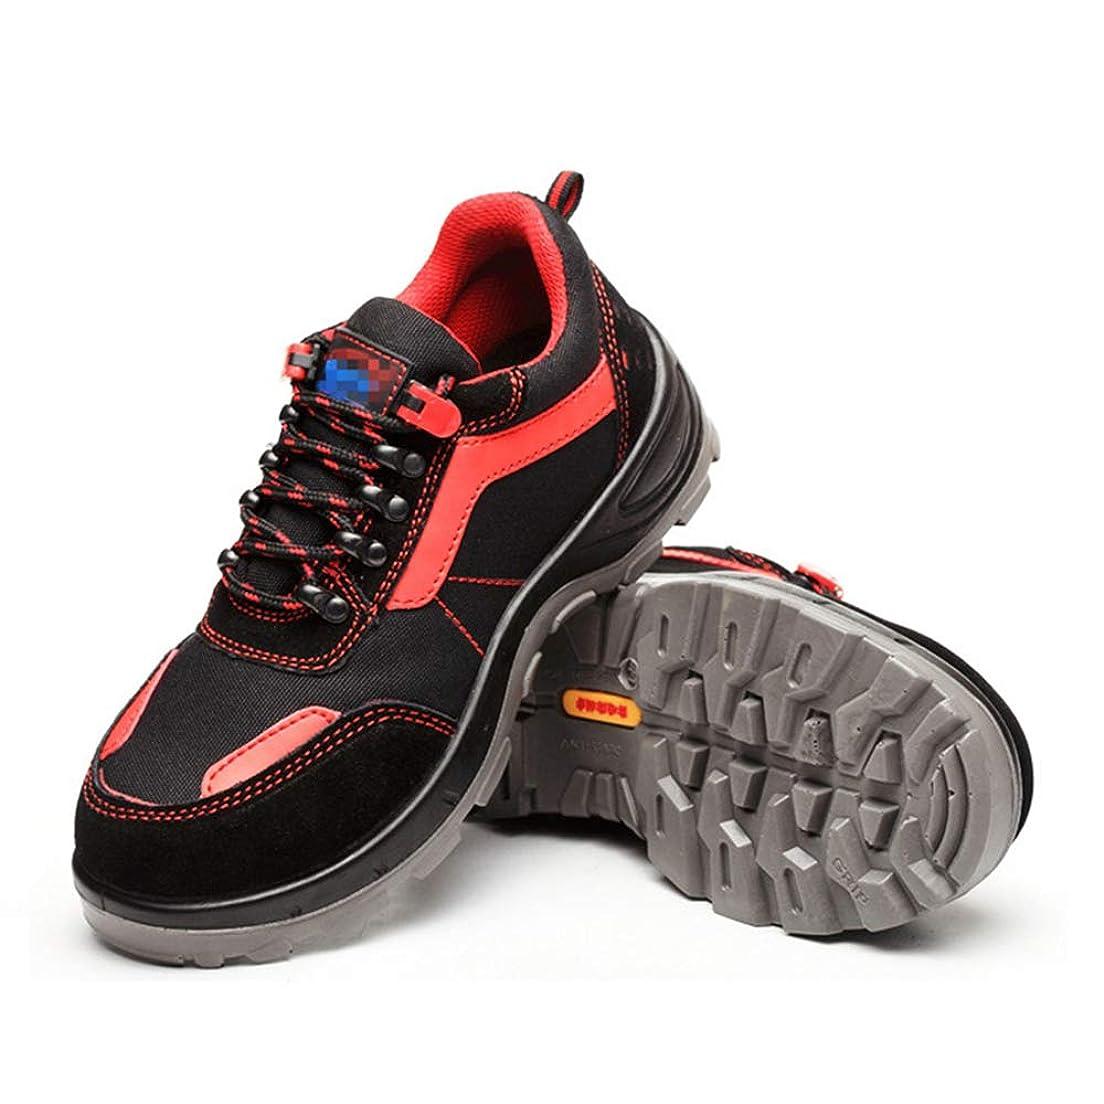 合計記憶に残る変装した安全靴 スニーカー メンズ セーフティーシューズ ワーキングシューズ ミドルカット レースアップ メッシュ 厚底 つまさき保護 先芯入り 四季通用 鋼片付き 靴底防護 普段履き対応 耐摩耗 二層底 黒